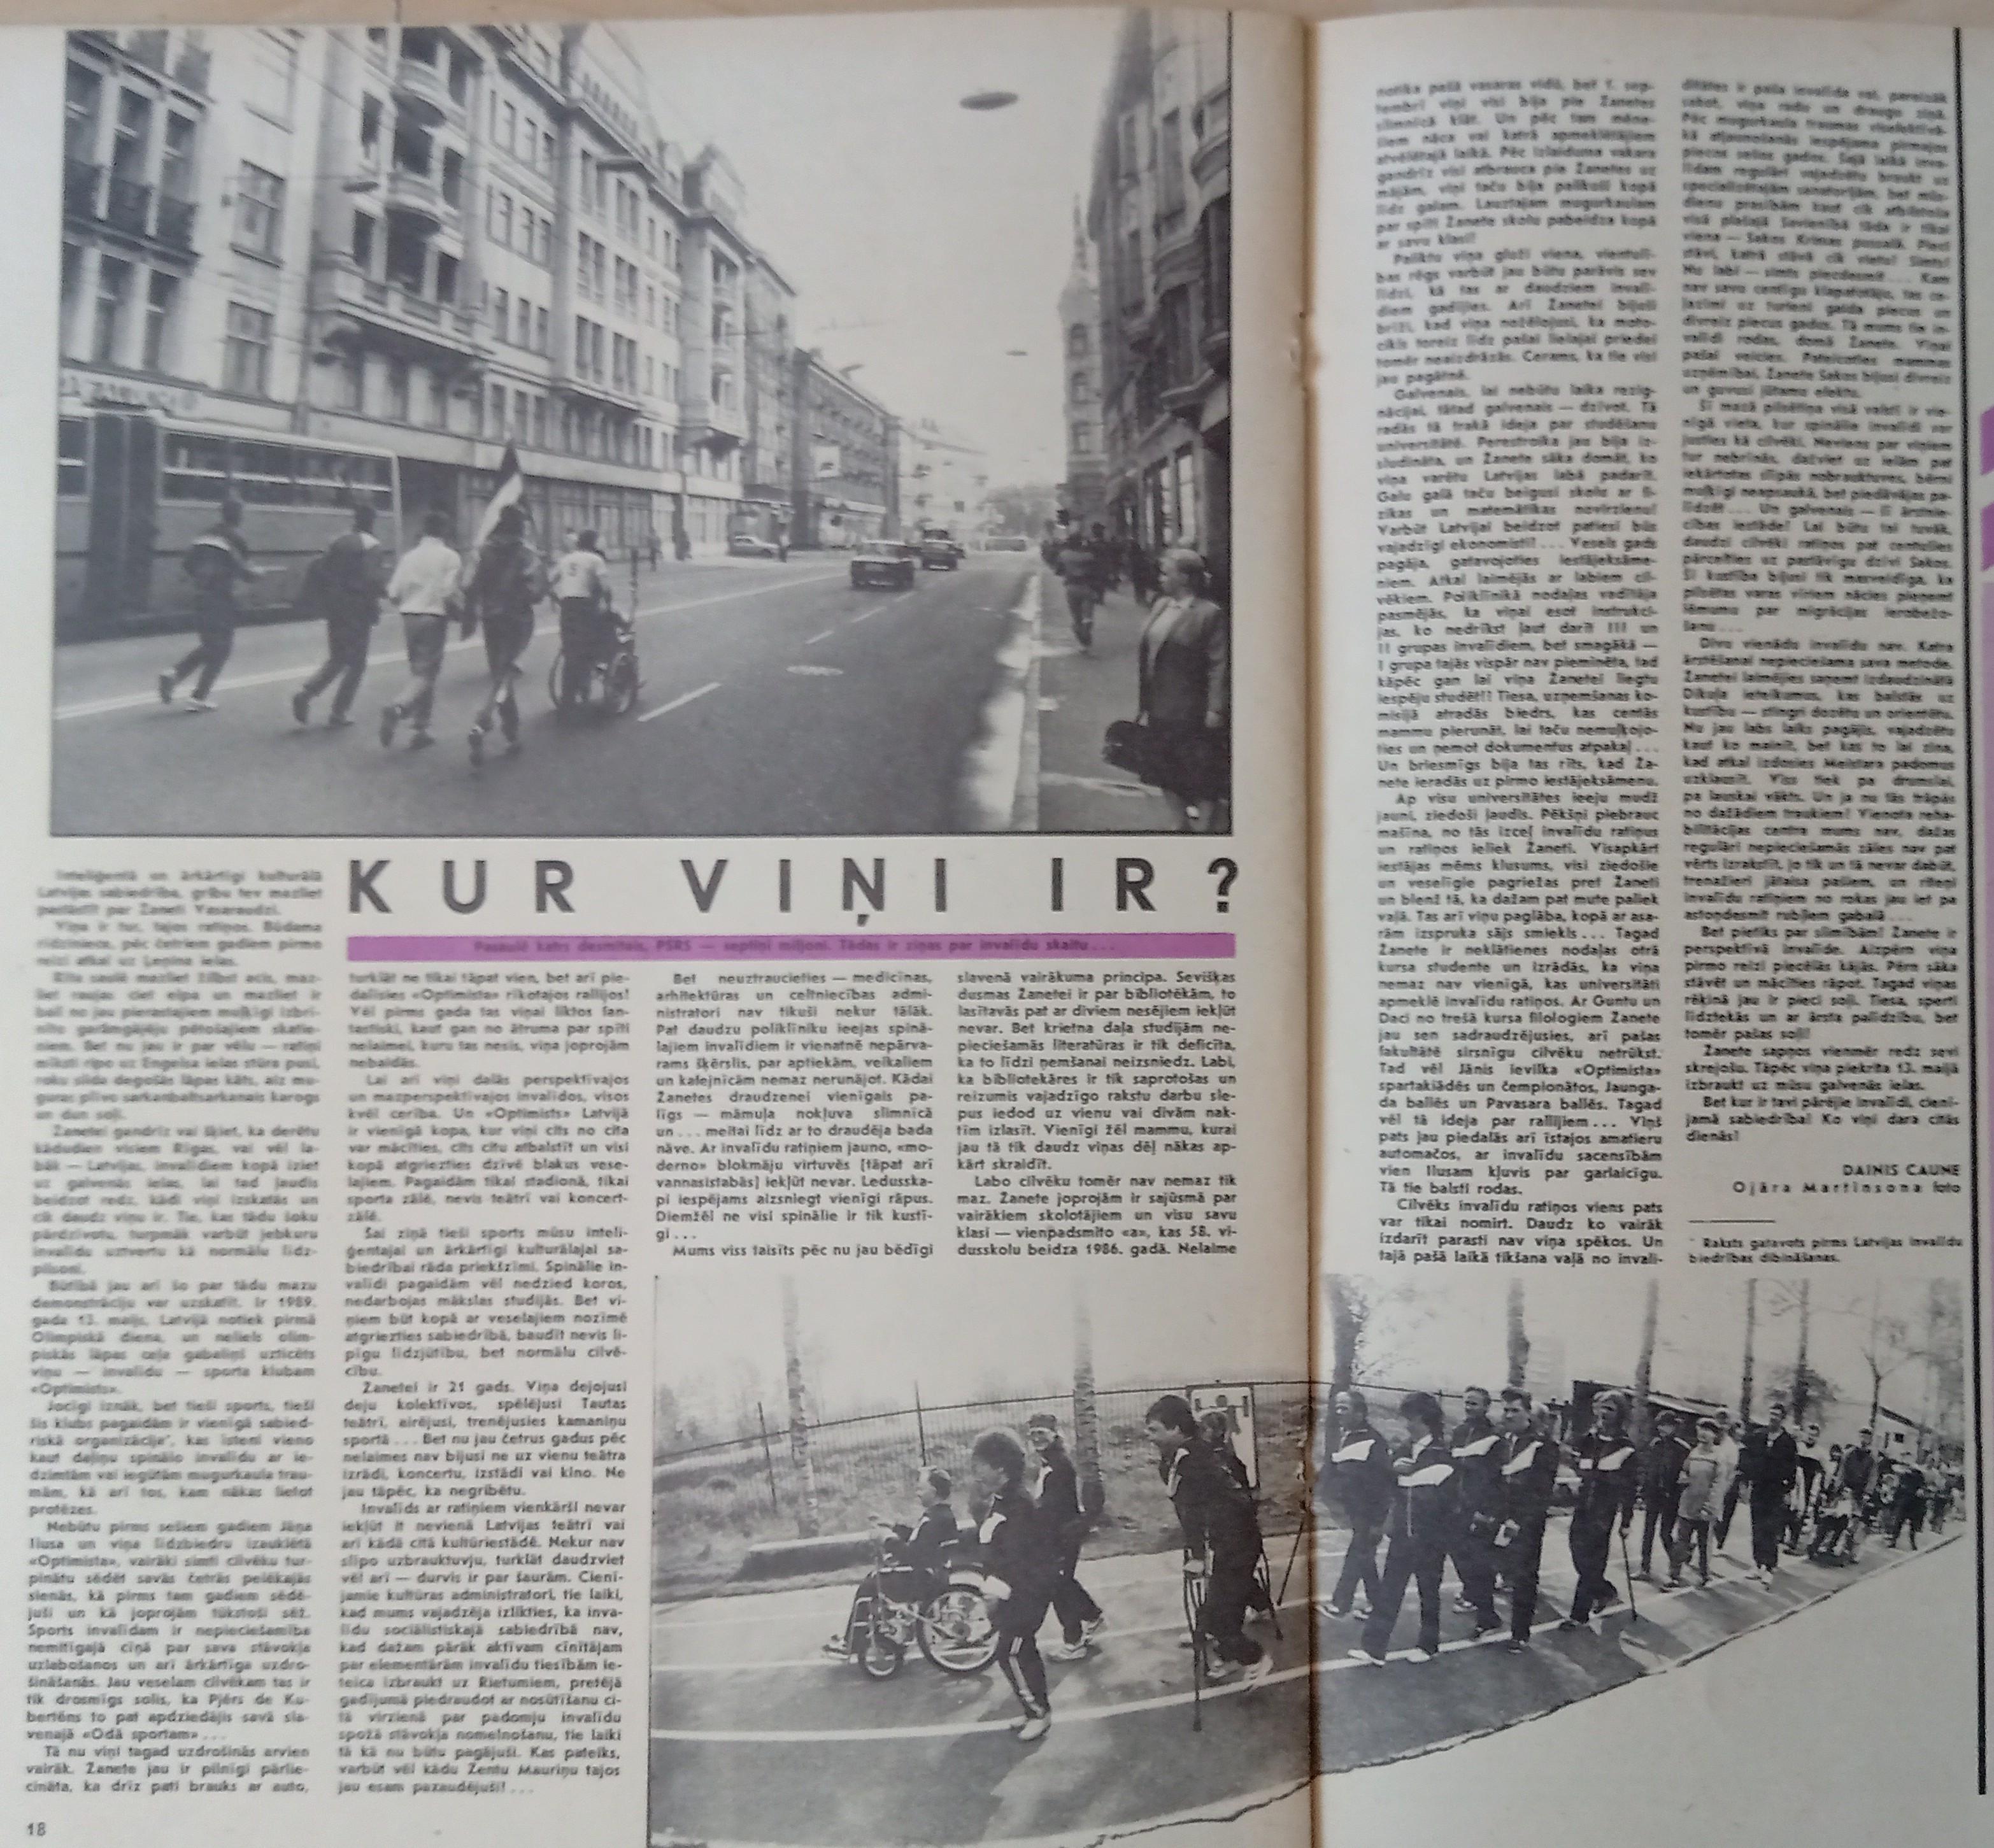 raksts žurnālā Liesma 1989. gads